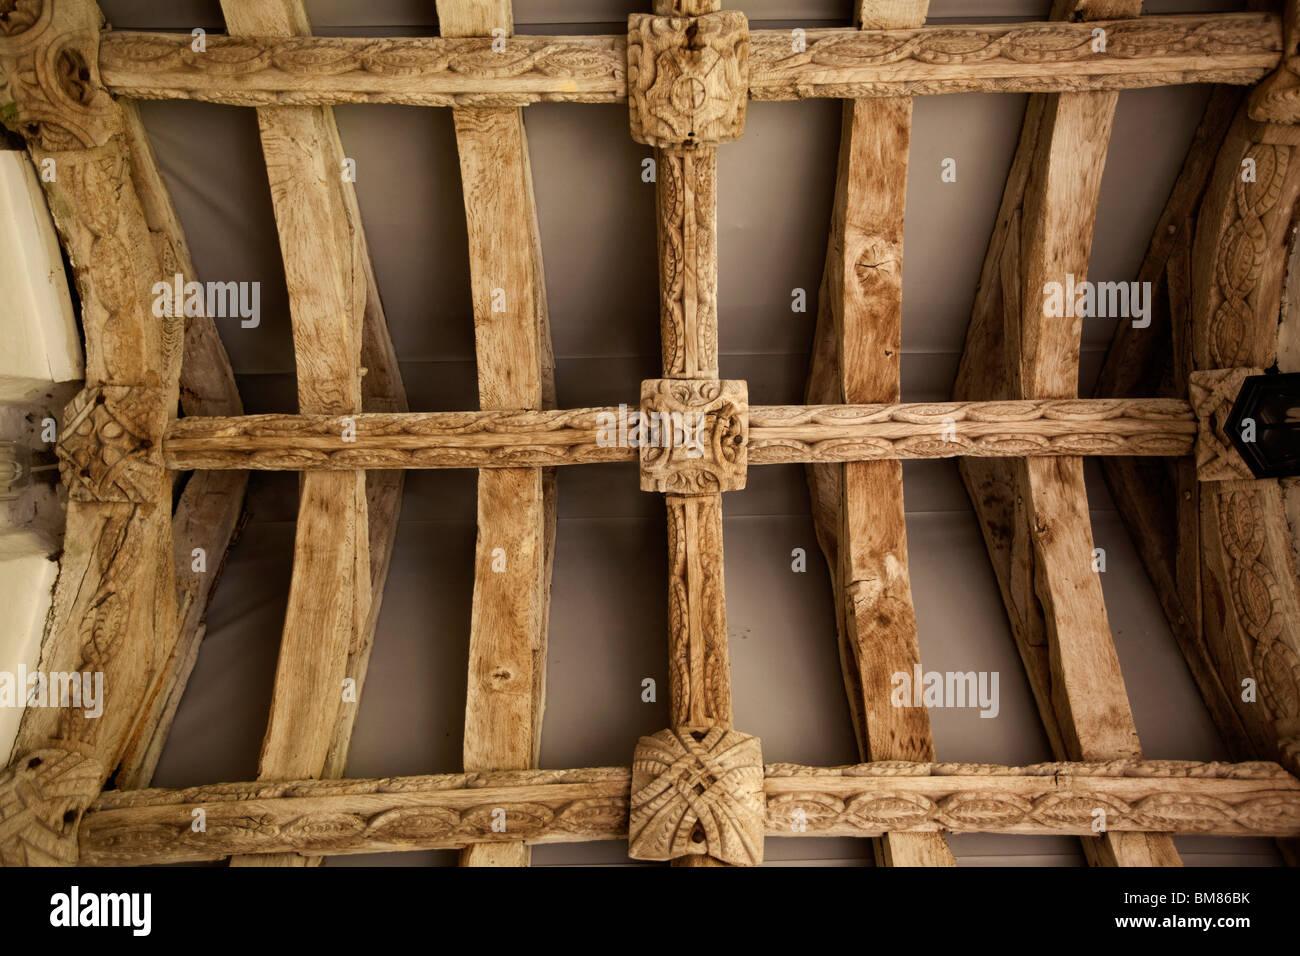 Regno Unito, Cornwall, Laneast, la chiesa di St Sidwell e St Gulval, portico, quercia antica struttura del tetto Immagini Stock